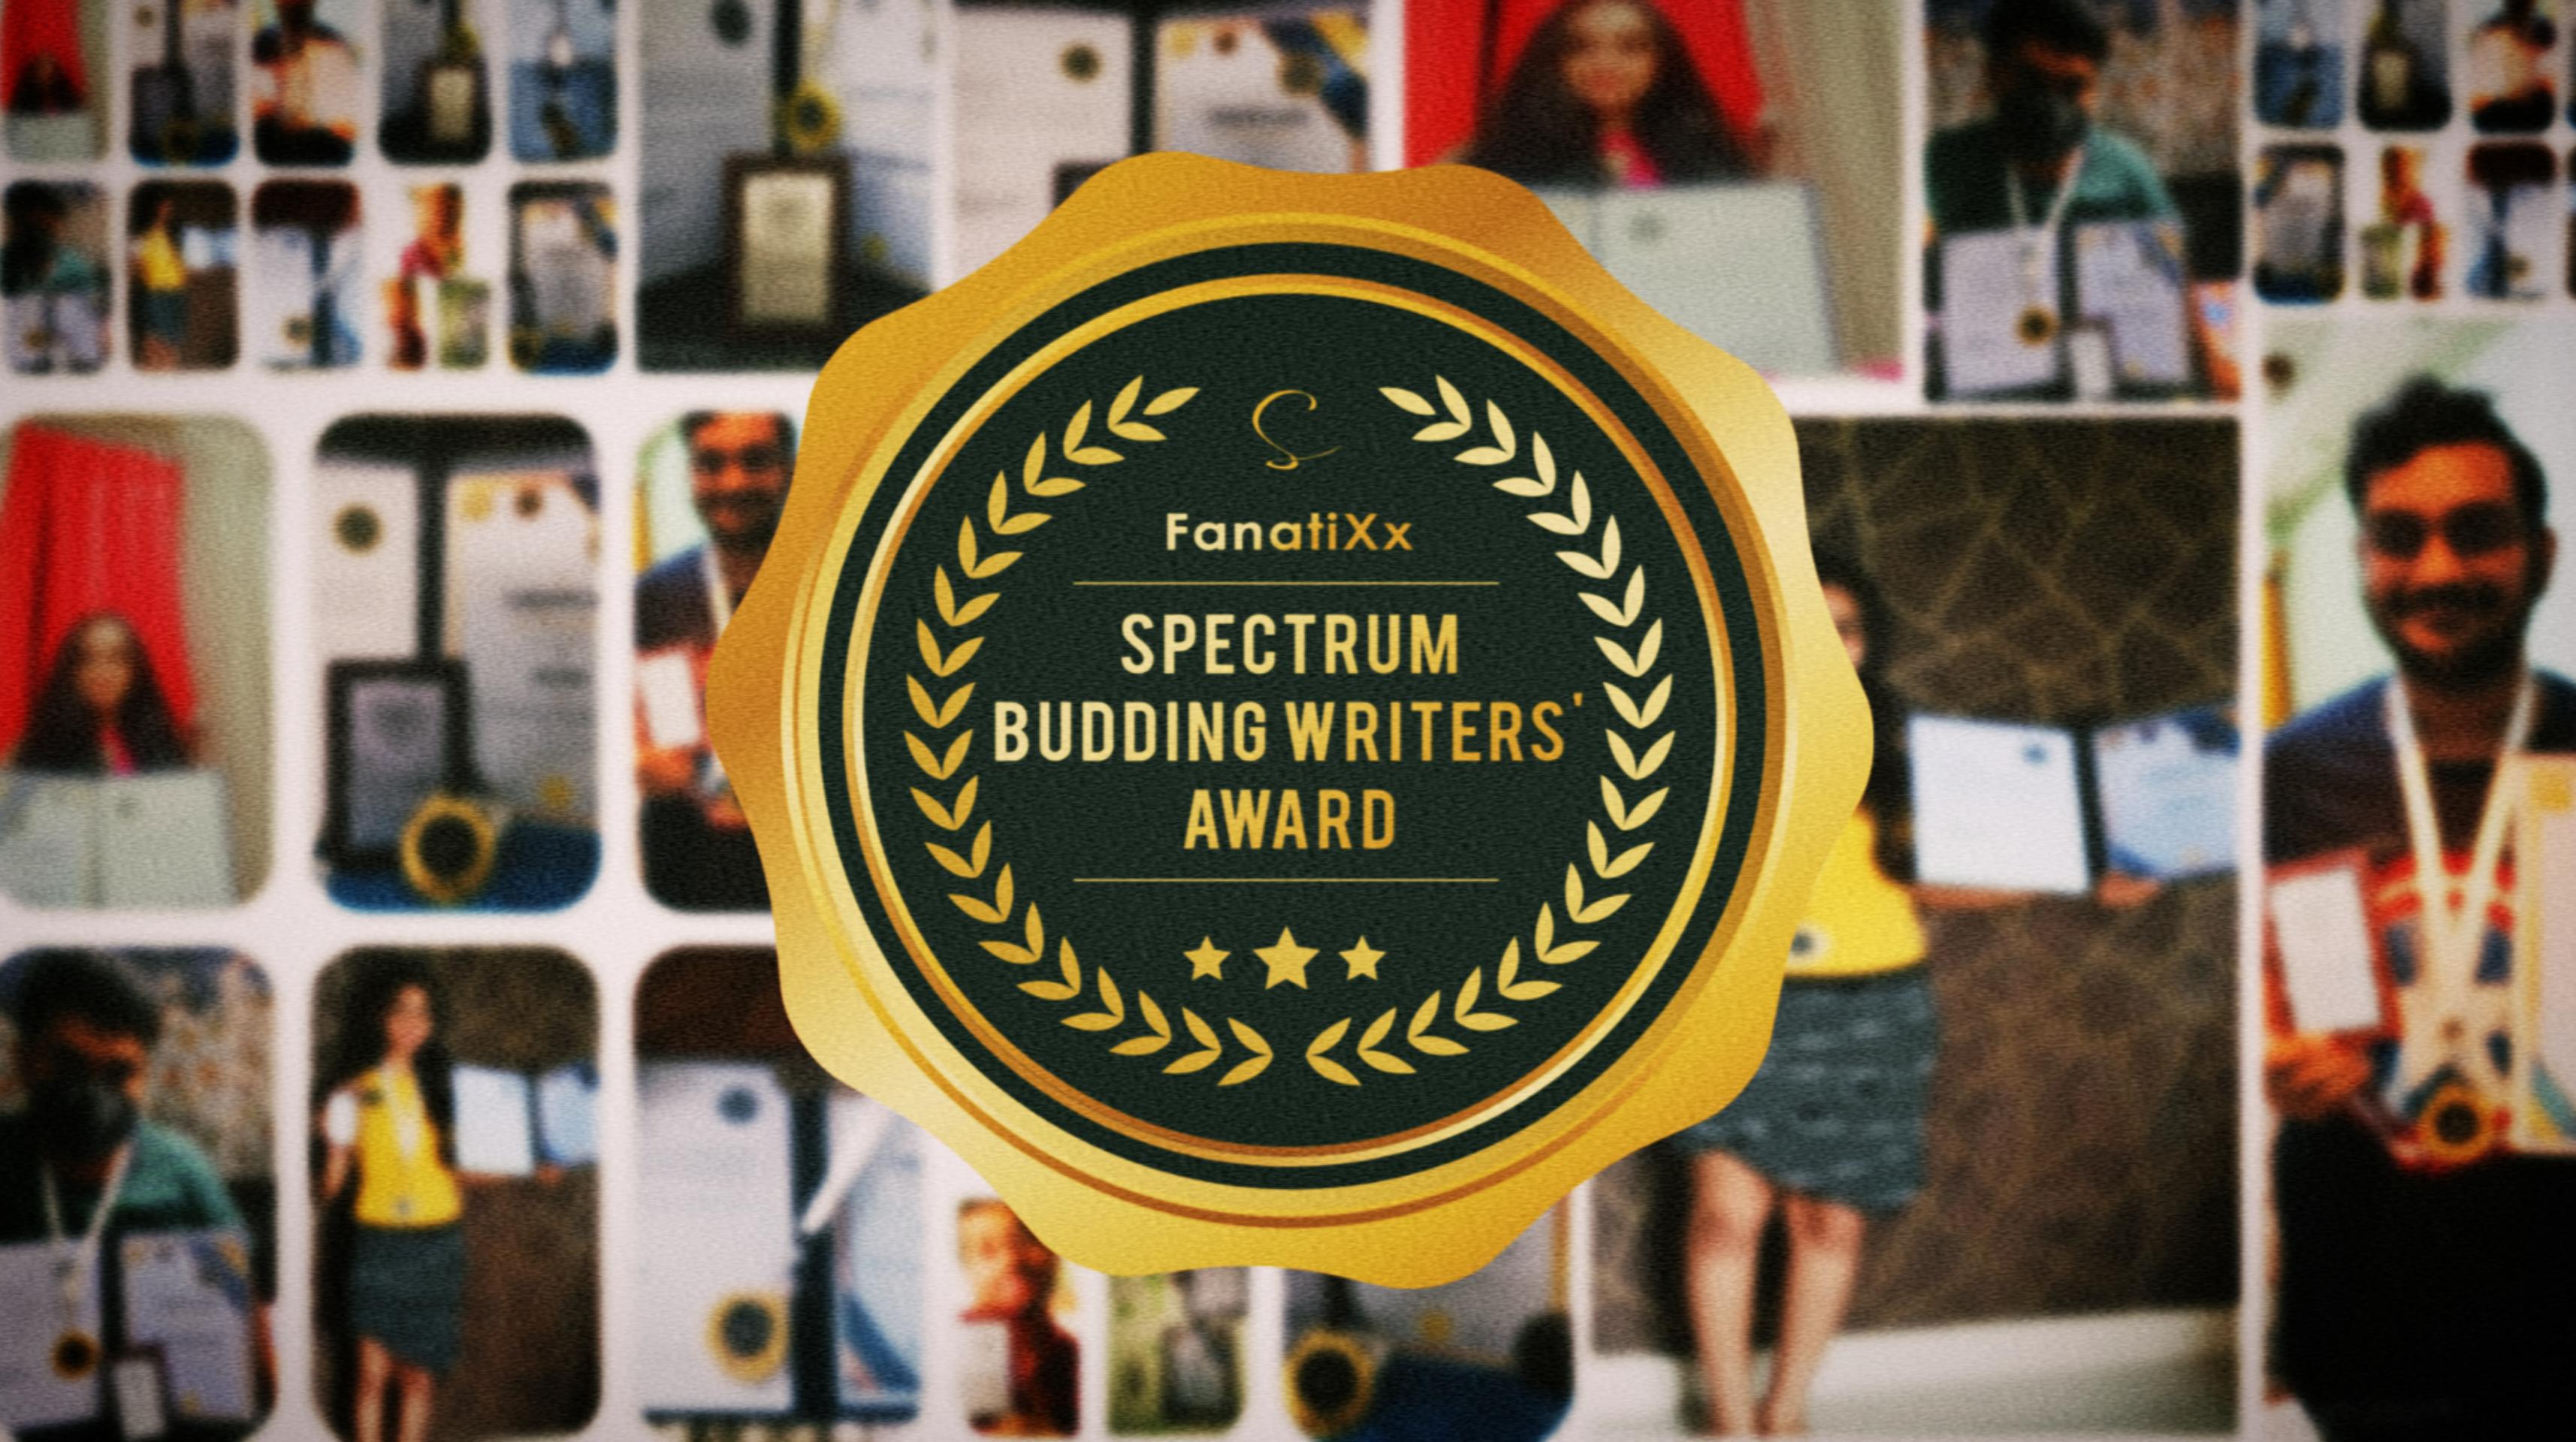 Spectrum Budding Writers Award 2021, by FanatiXx Spectrum Awards